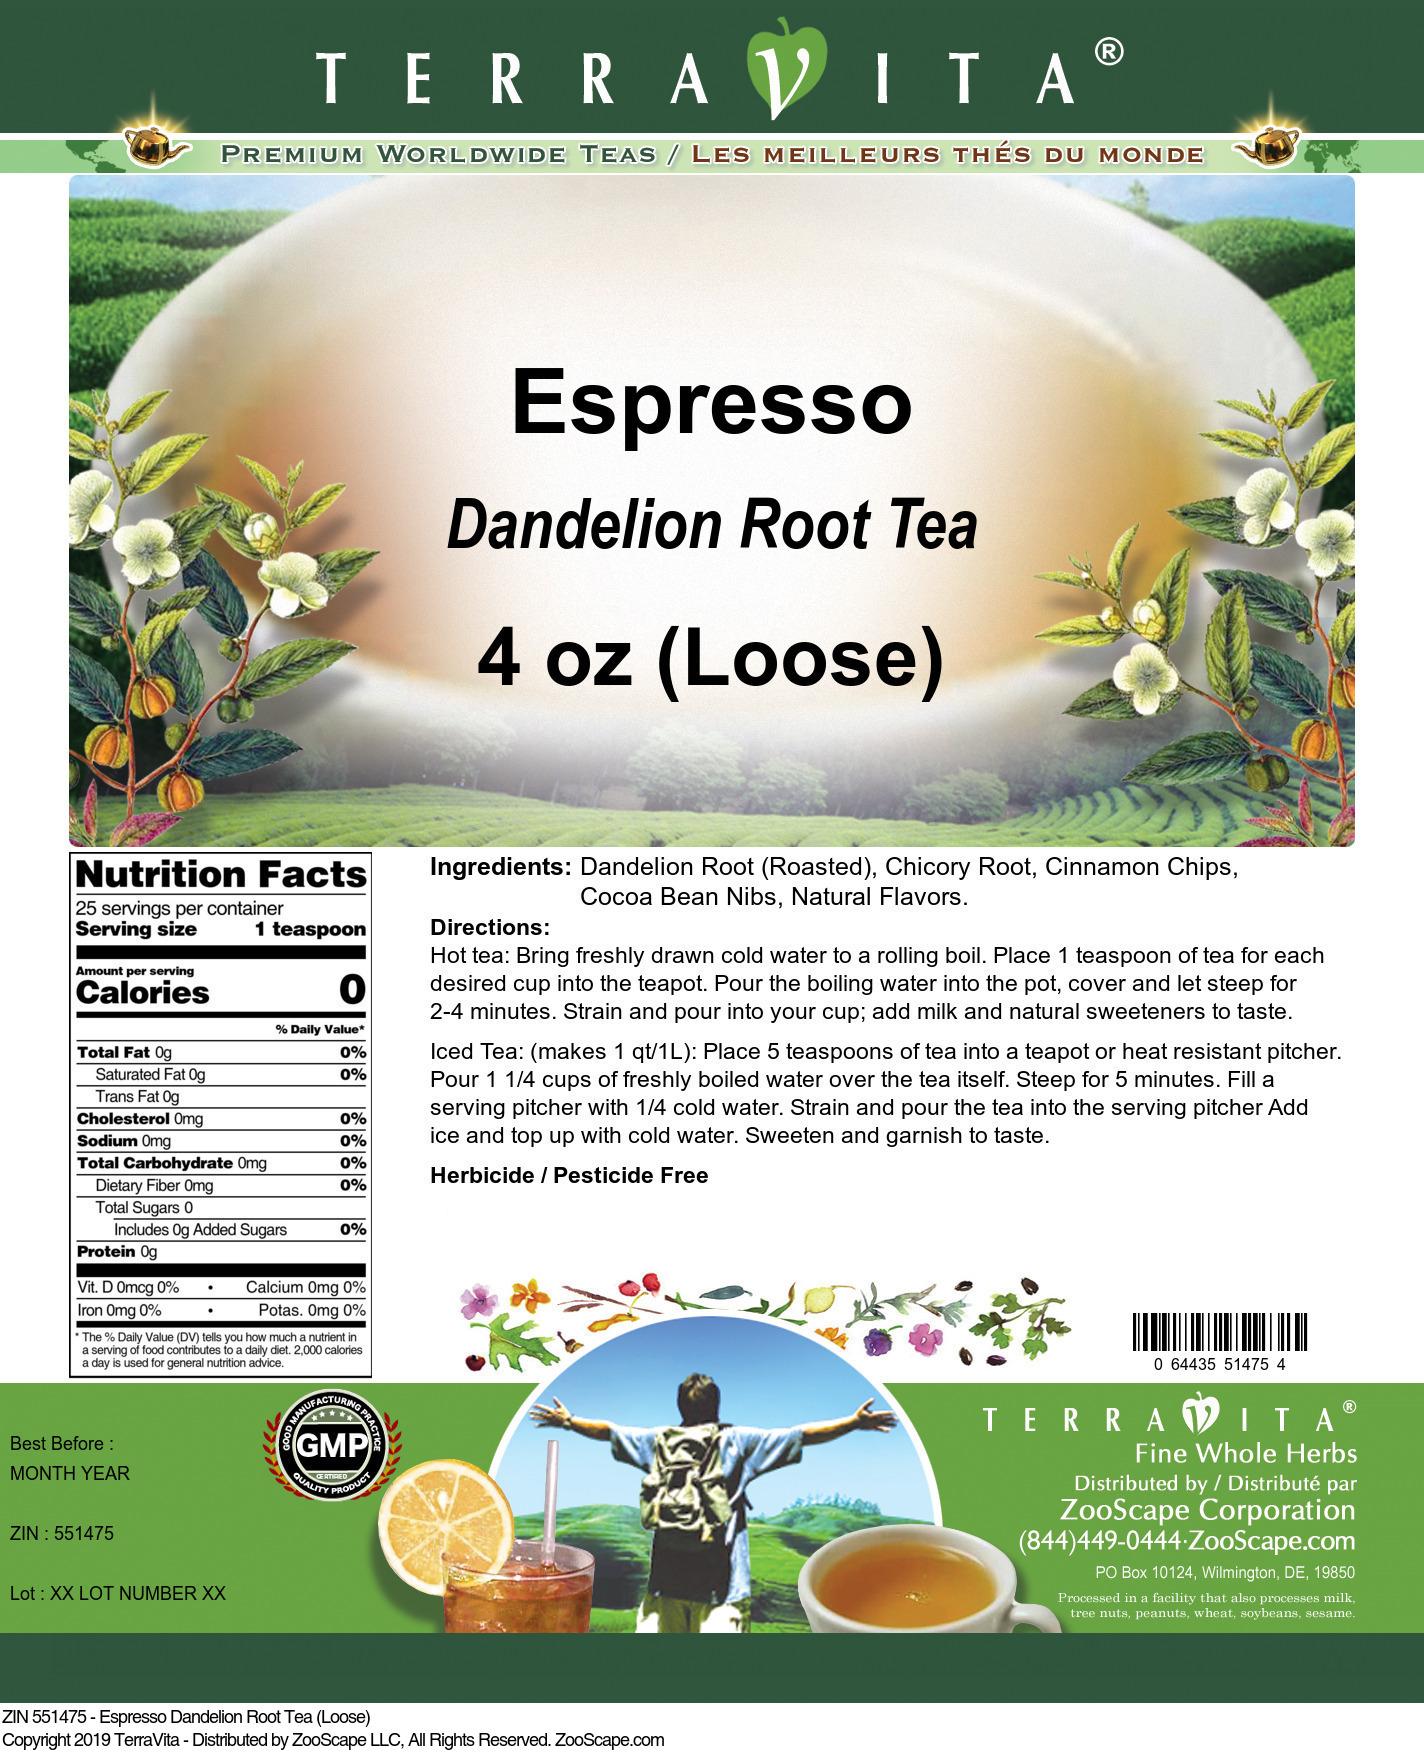 Espresso Dandelion Root Tea (Loose)